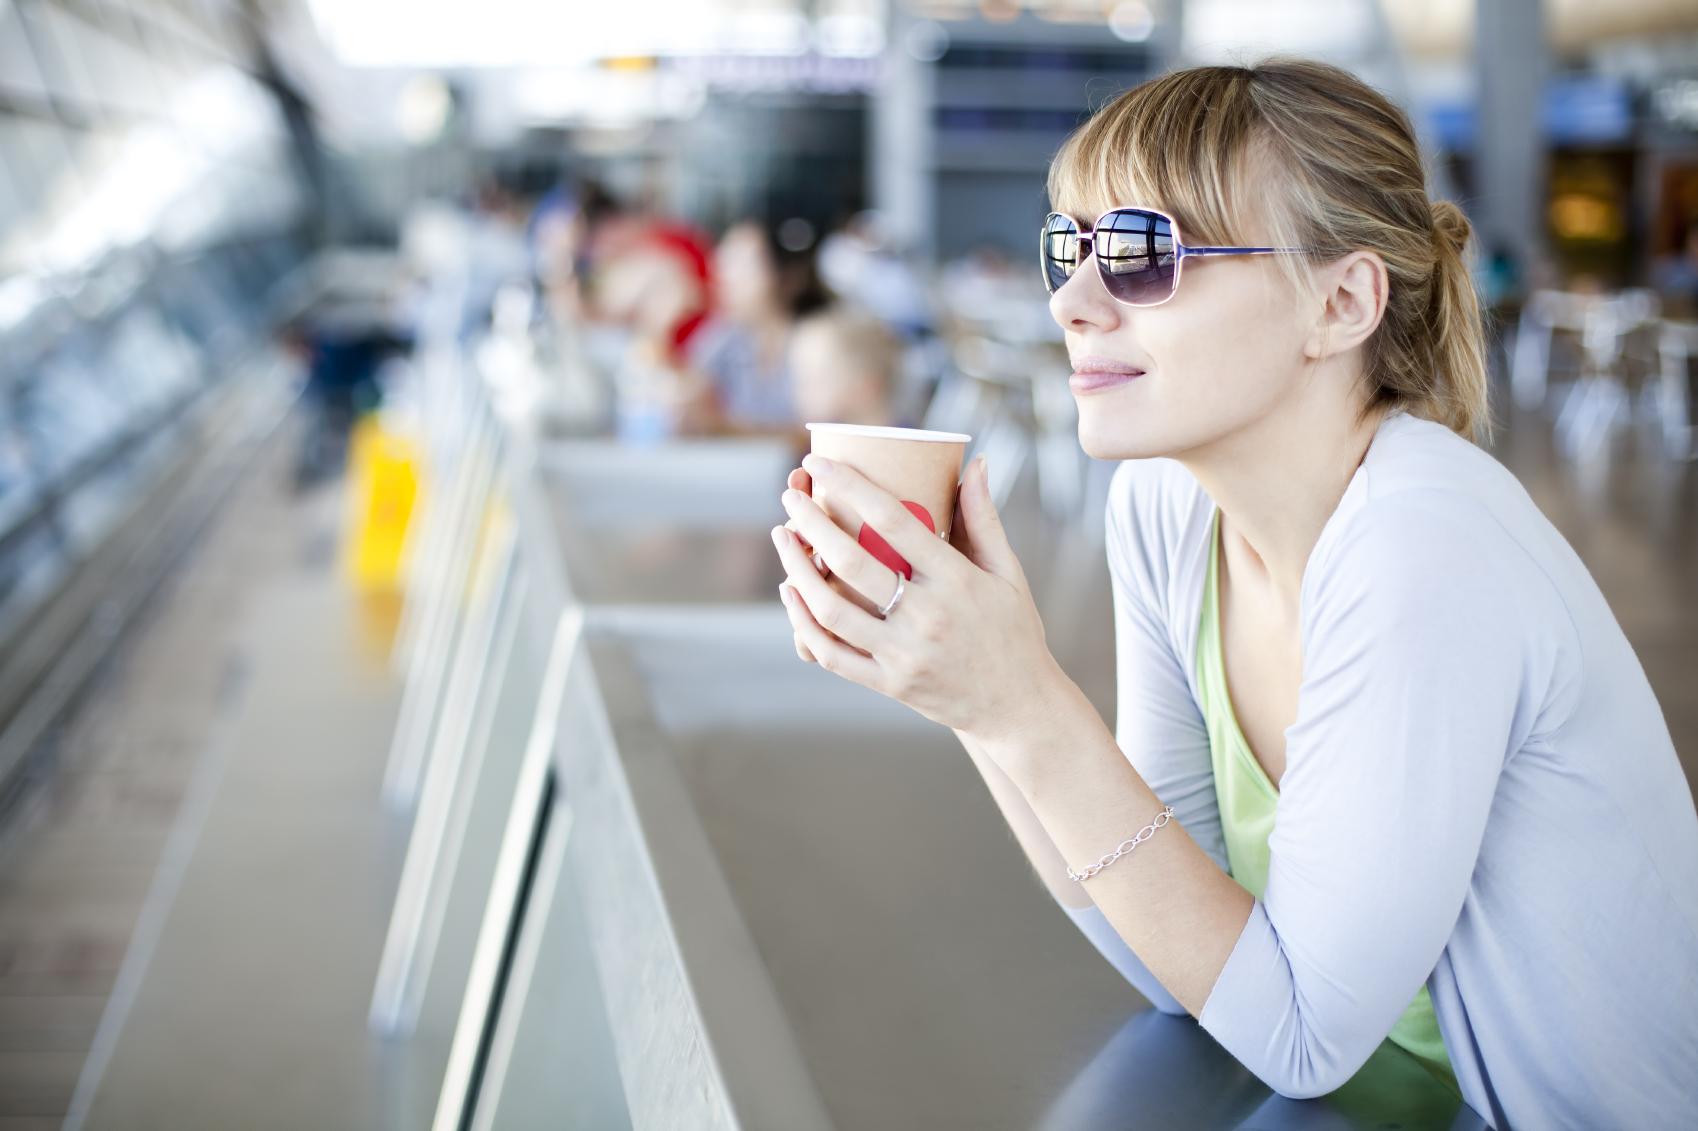 Assicurazione annullamento viaggio: rimborso delle spese in caso di annullamento del viaggio programmato